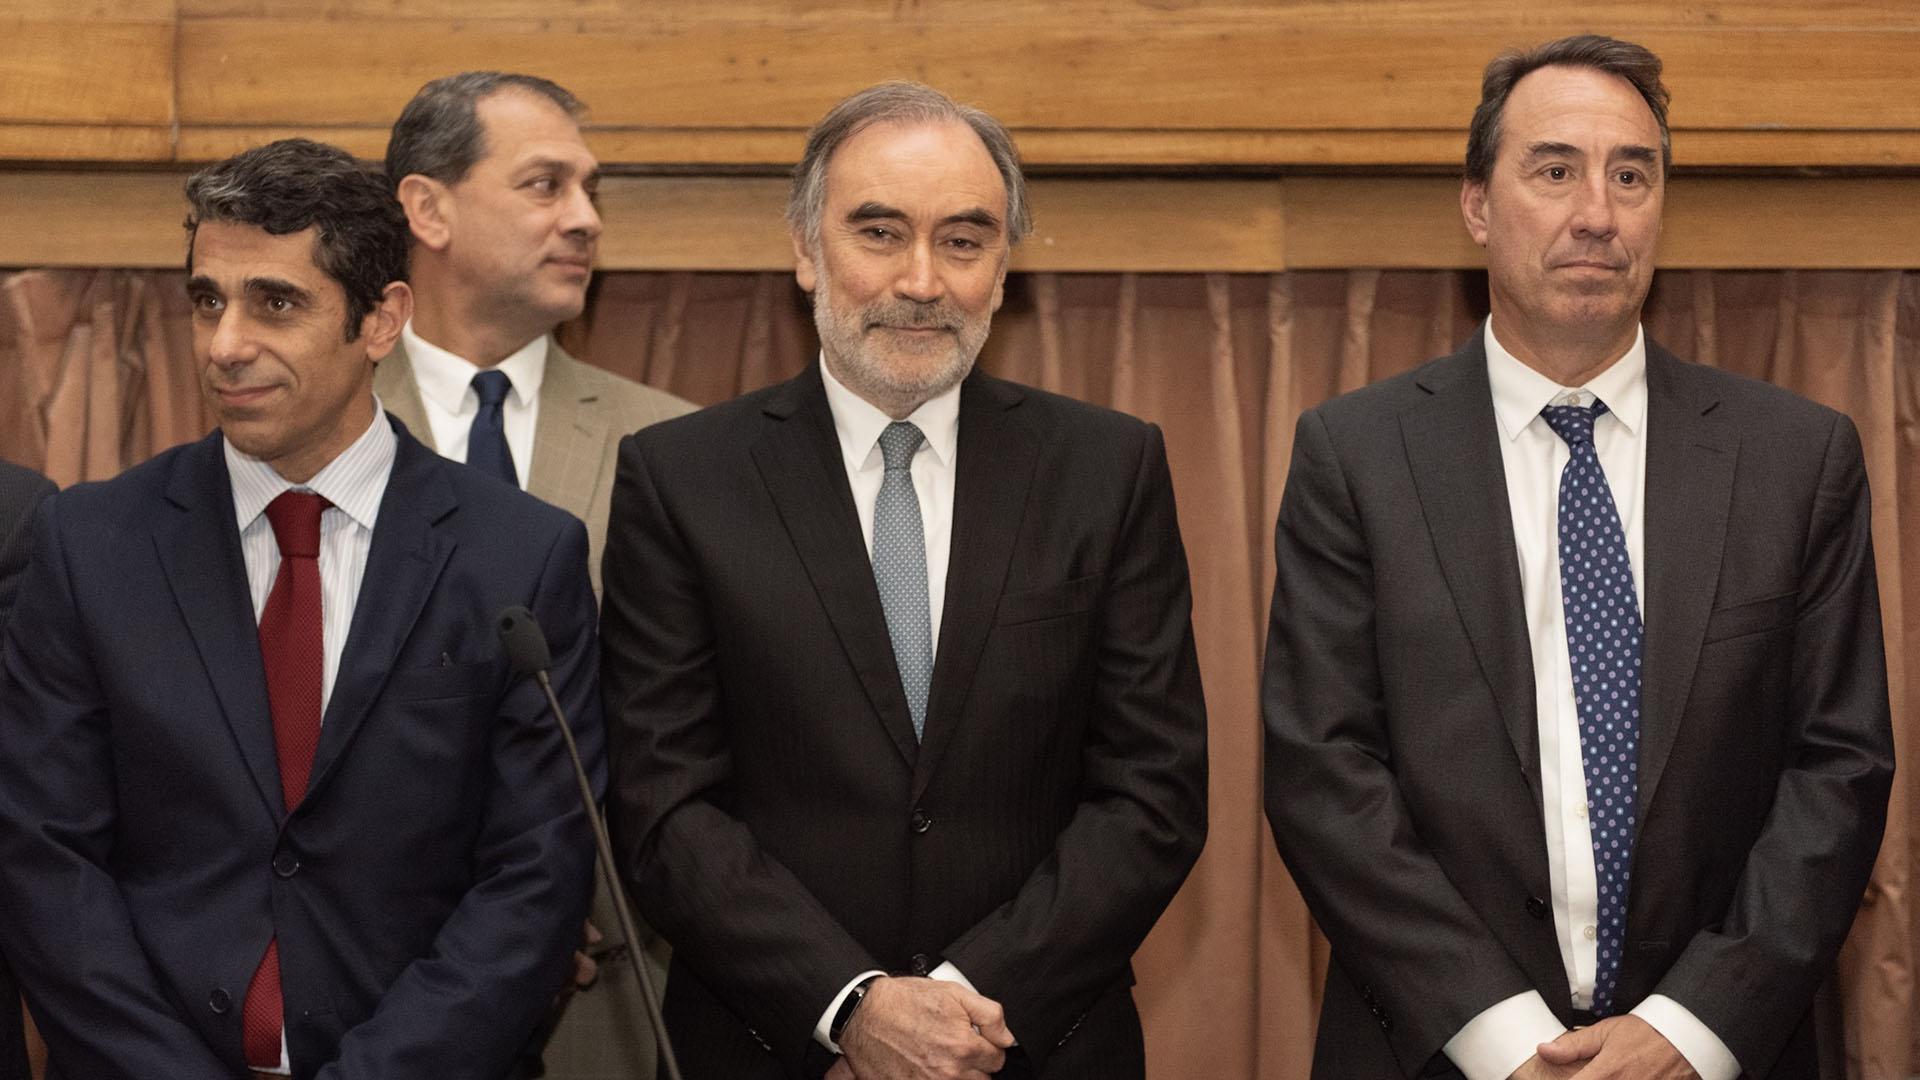 Daniel Petrone, Leopoldo Bruglia, Mariano Llorens